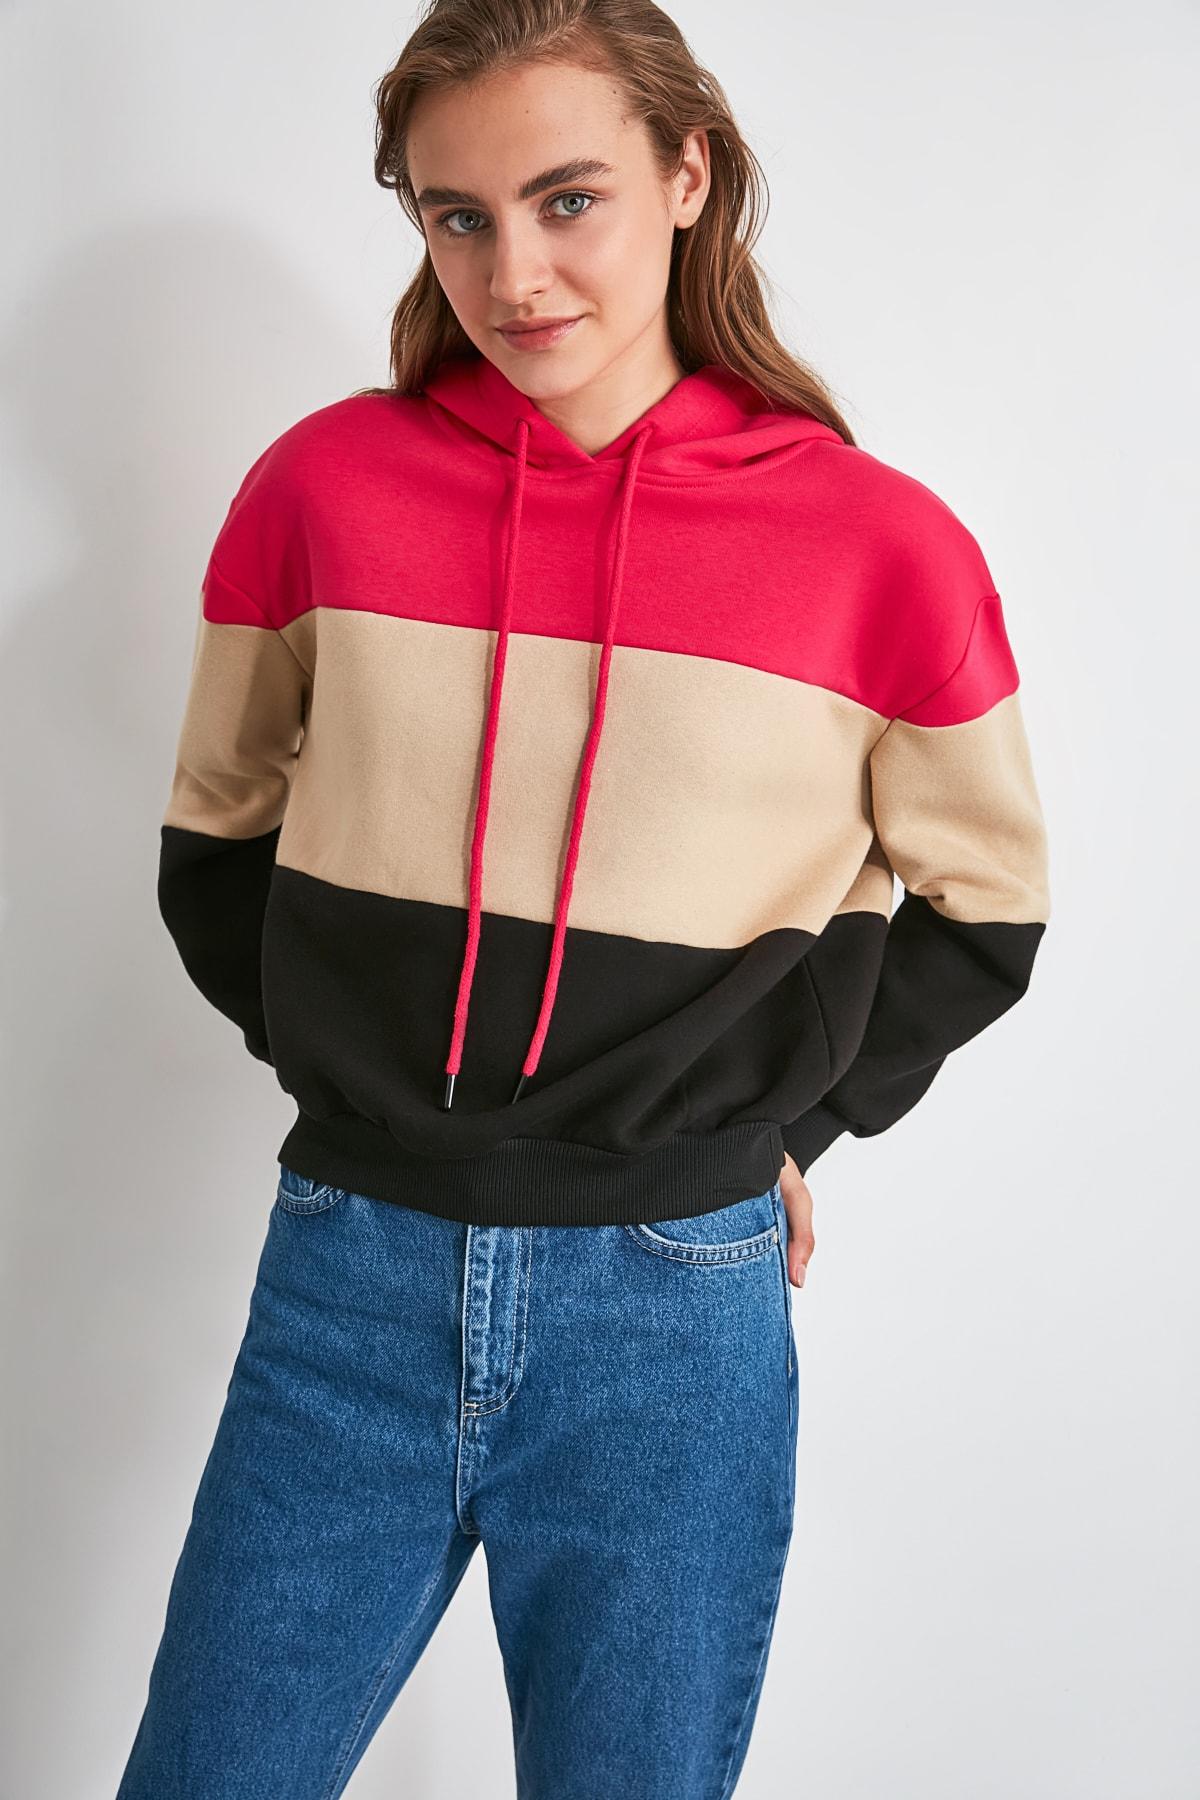 TRENDYOLMİLLA Fuşya Renk Bloklu Kapüşonlu Şardonlu Örme Sweatshirt TWOAW20SW0792 1